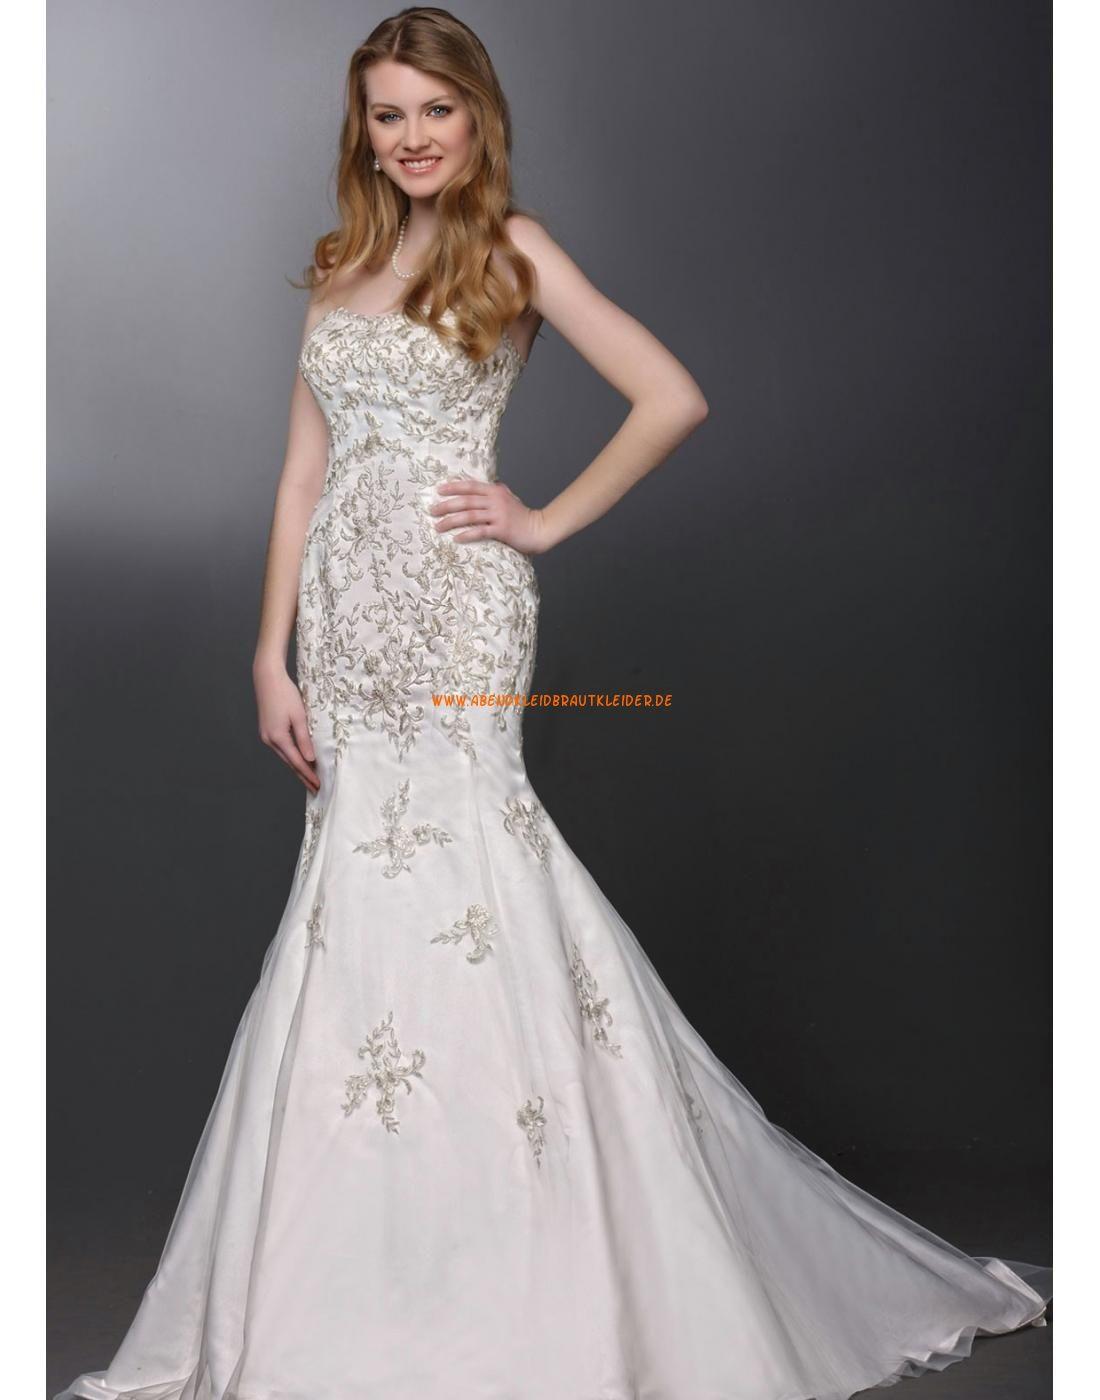 Davinci Meerjungfrau Schöne Elegante Brautkleider aus ...